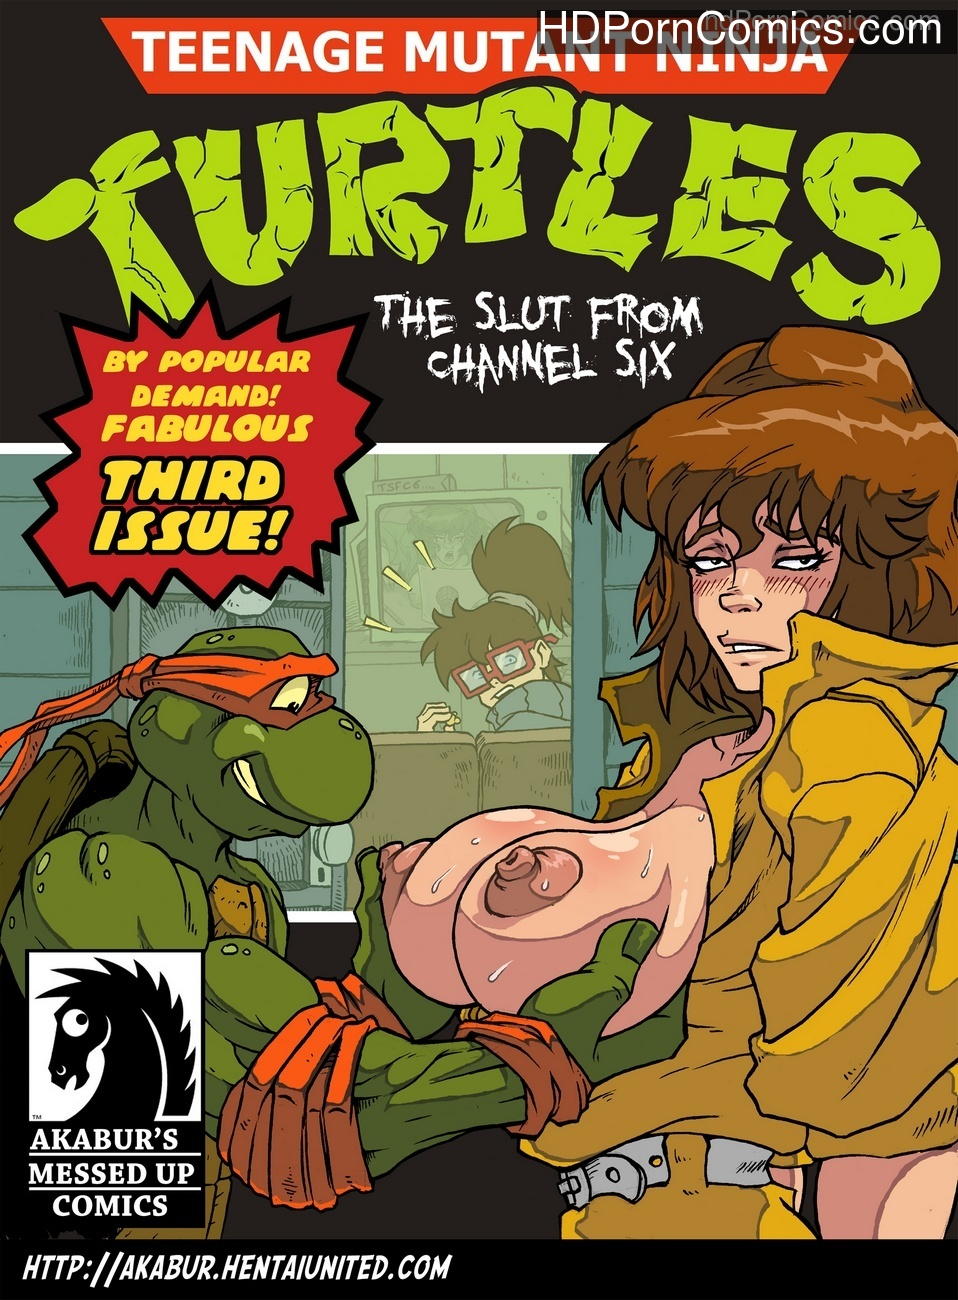 The Slut From Channel Six 3 – Teenage Mutant Ninja Turtles Sex Comic